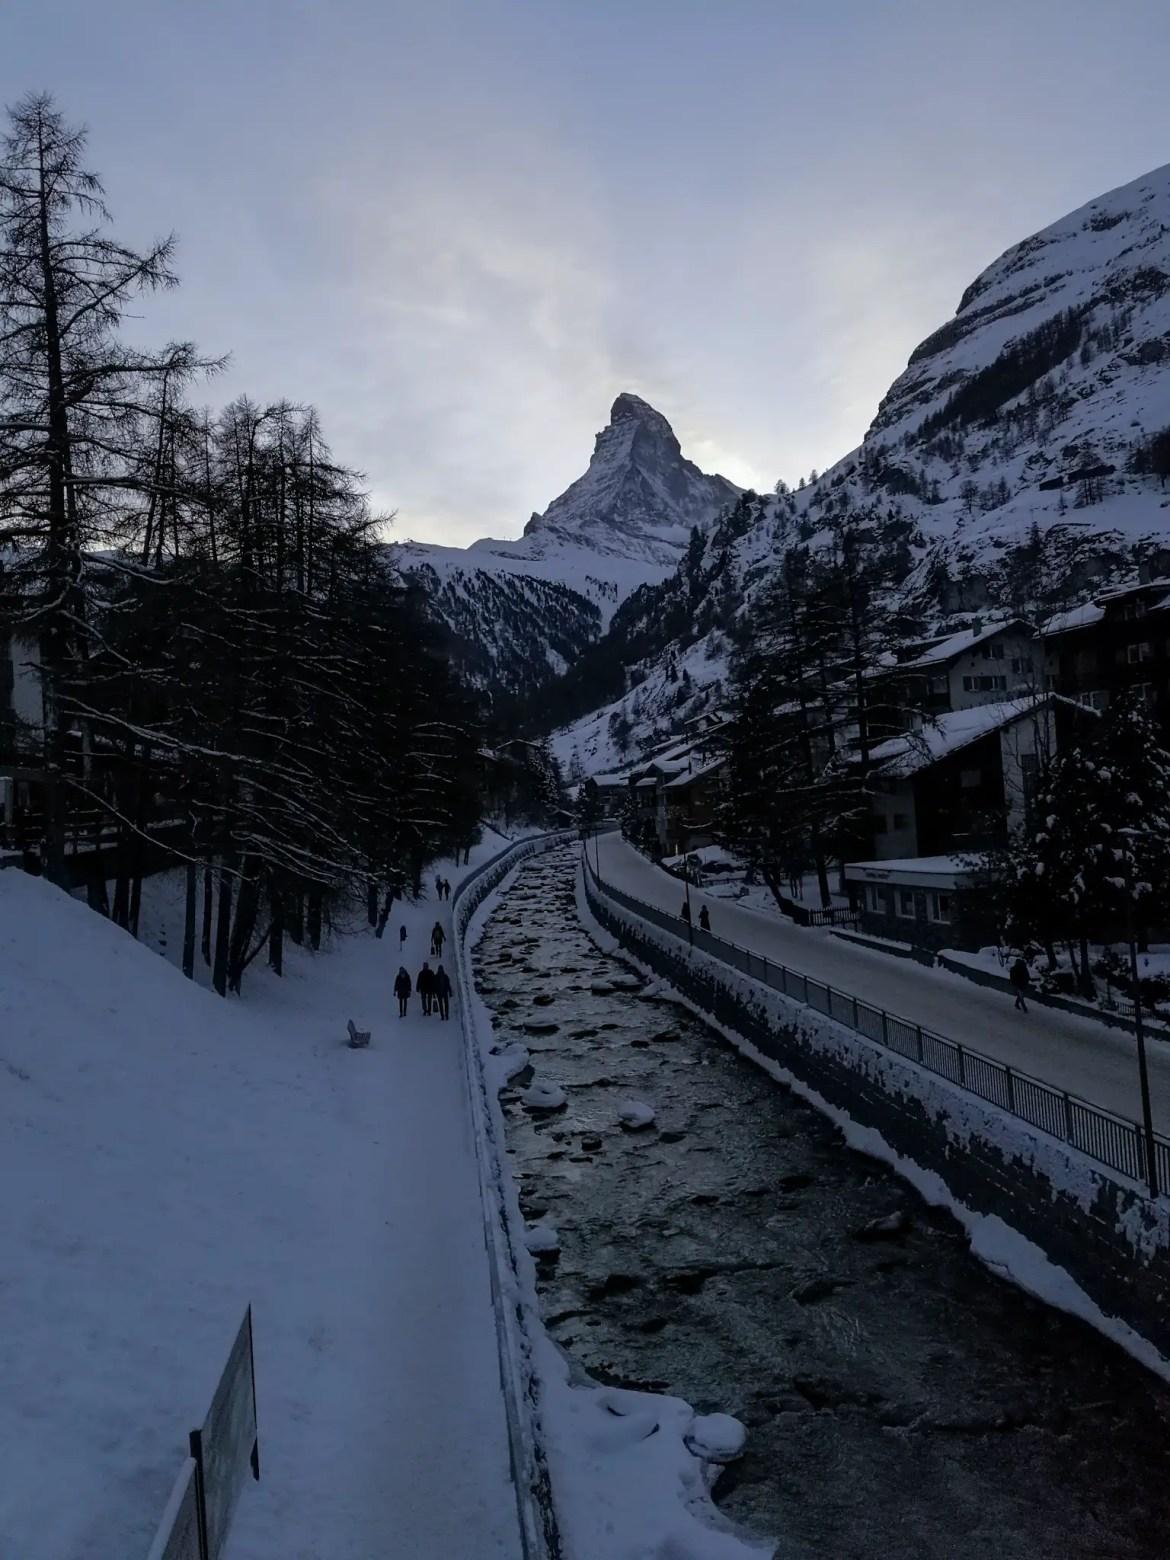 Image de Zermatt en suisse qui montre le Cervin et aussi de belles couleurs